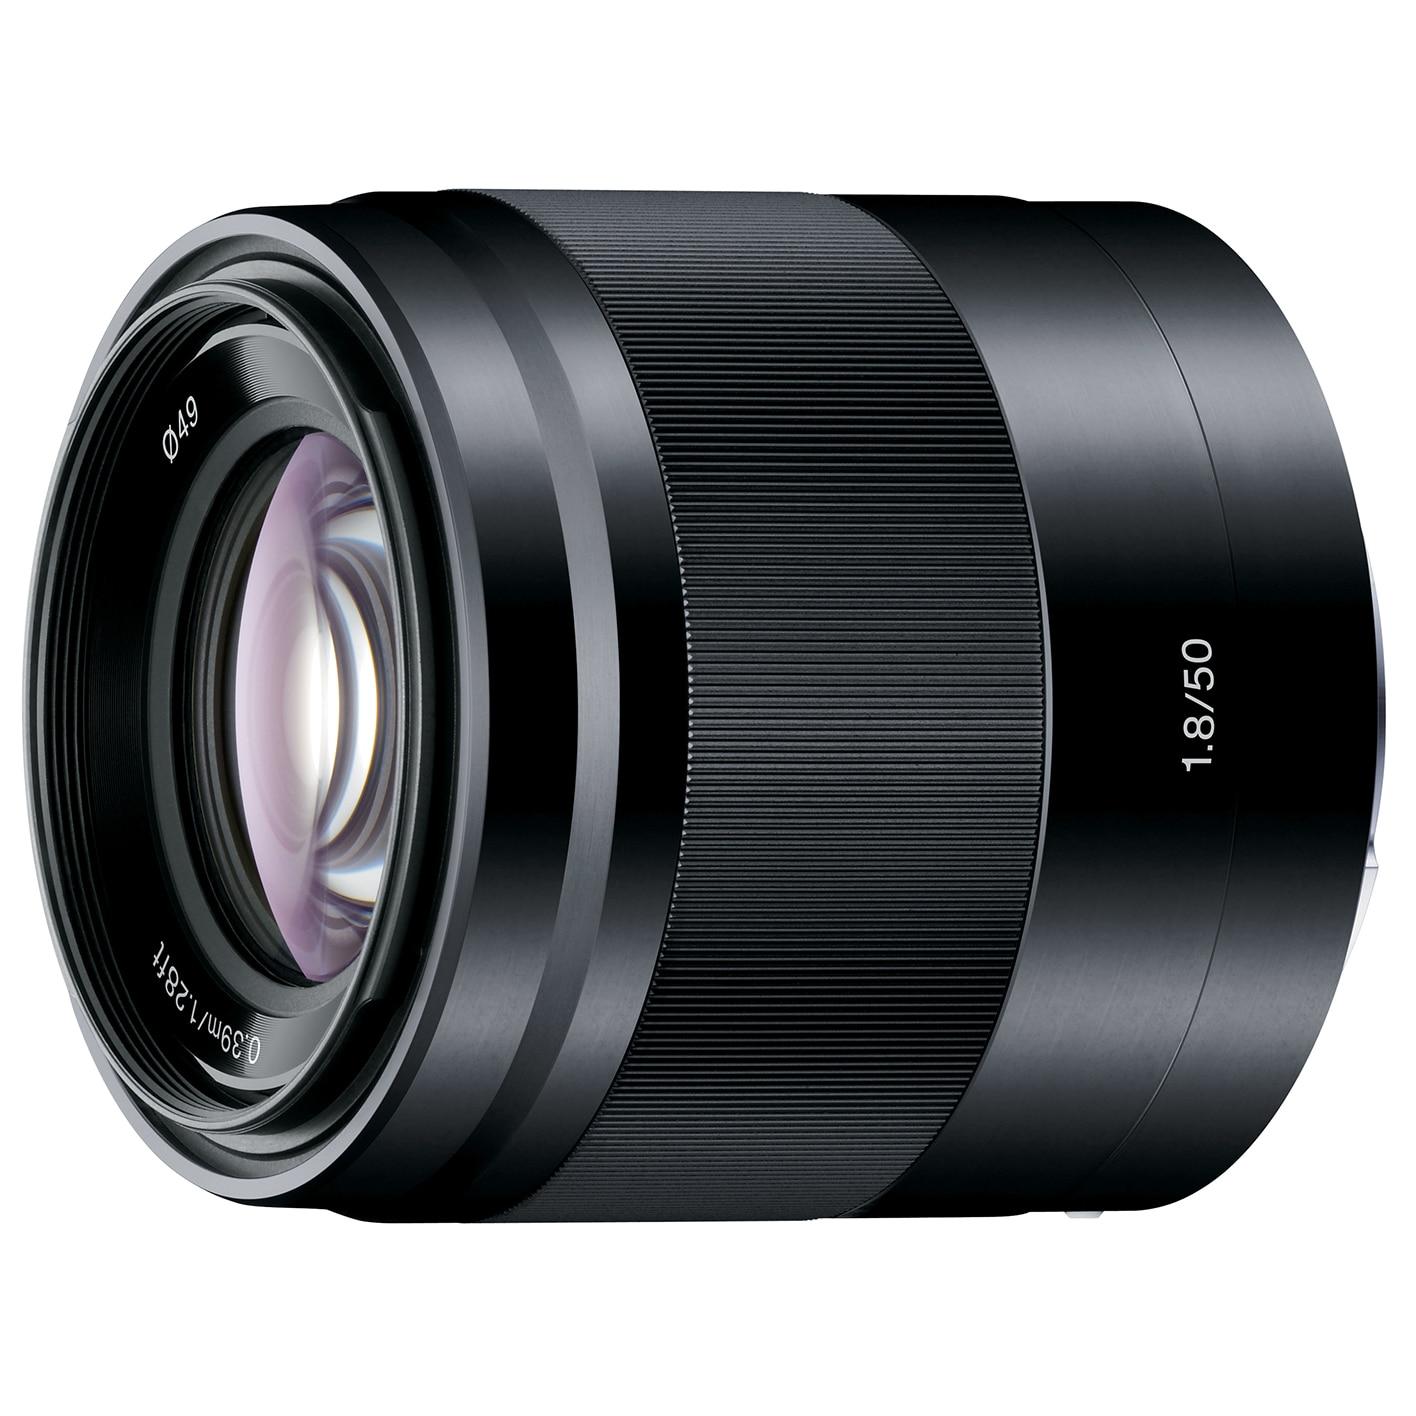 Fotografie Obiectiv Sony, montura E, 50mm, f1.8 OSS, Negru